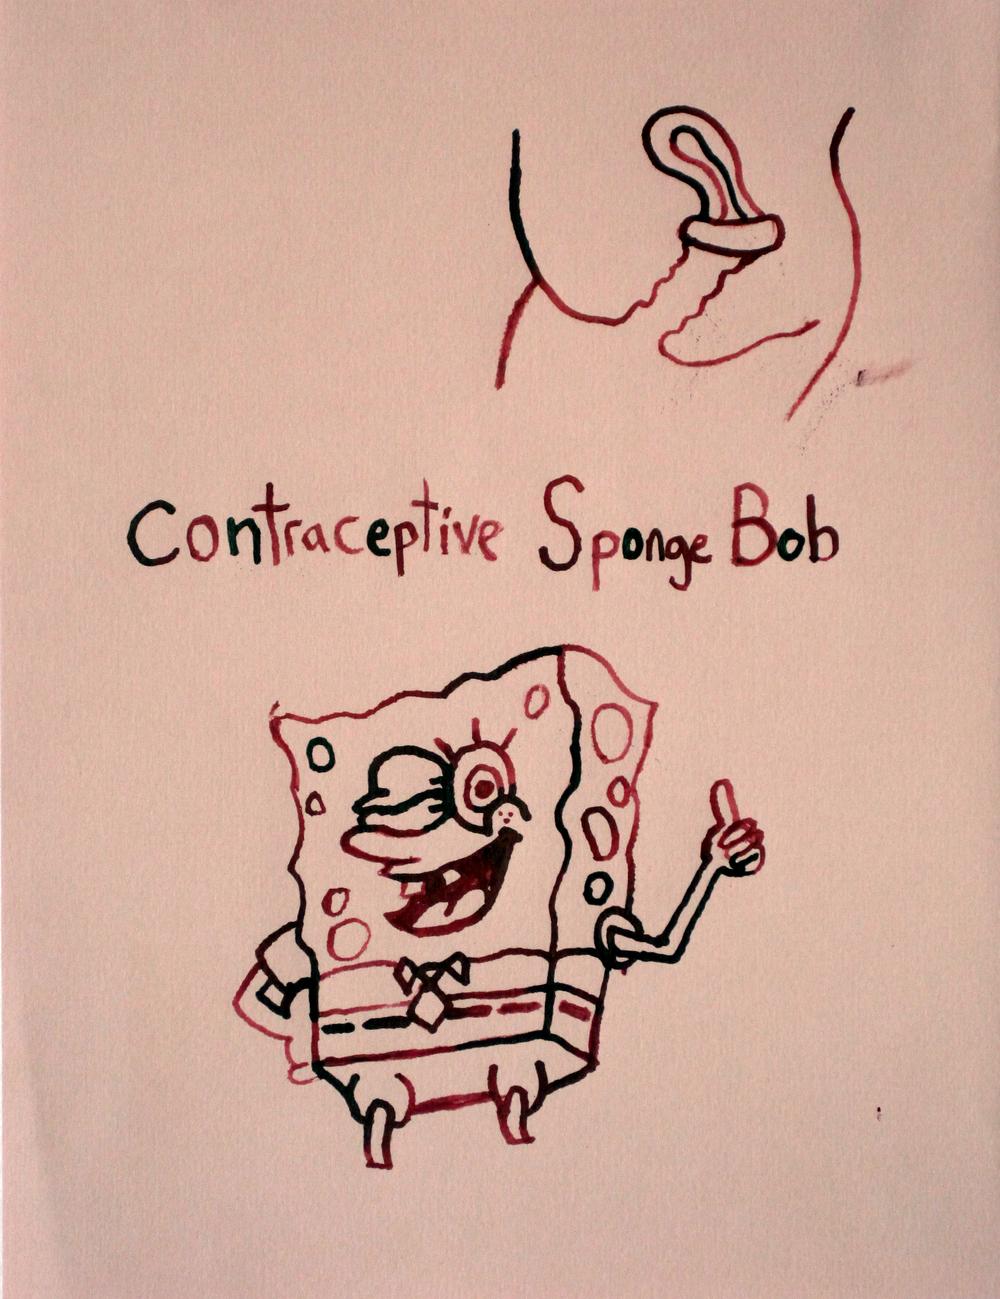 Contraceptive Sponge Bob